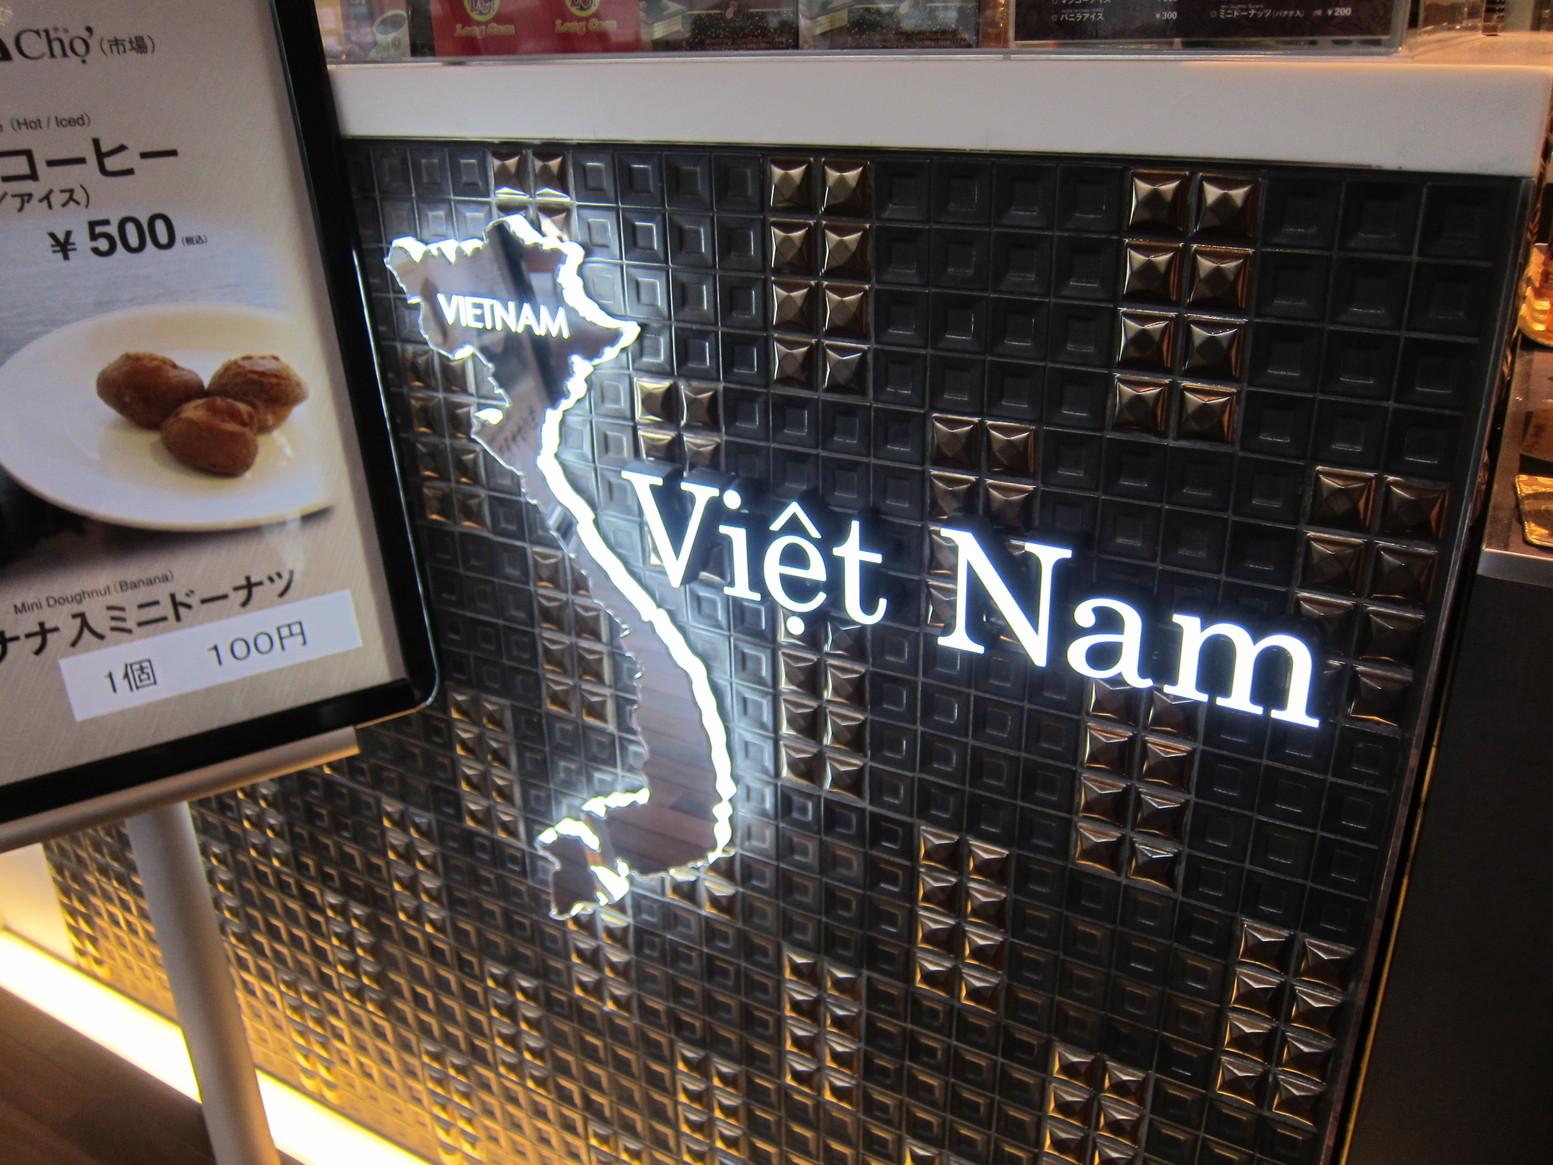 ベトナムチョ(市場)